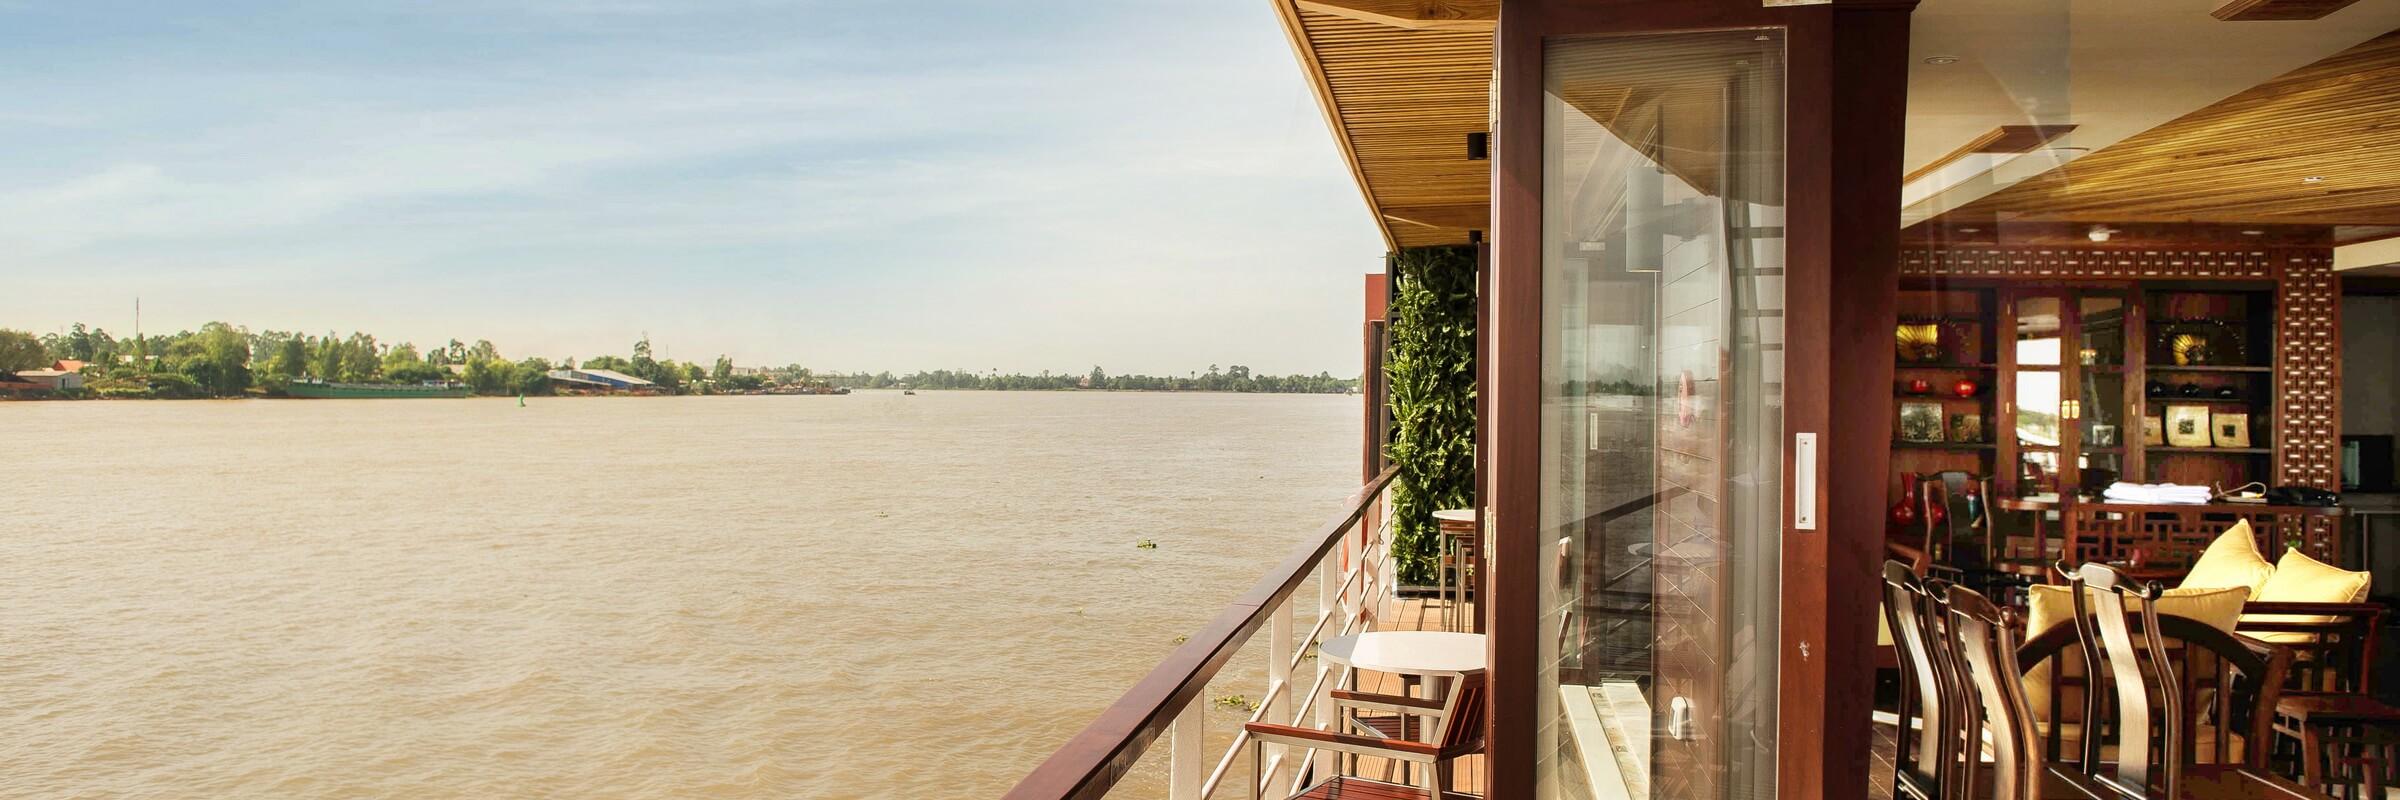 Die Mekong Eyes Explorer bietet ausreichend Platz um die Aussicht bei einer Flusskreuzfahrt zu genießen